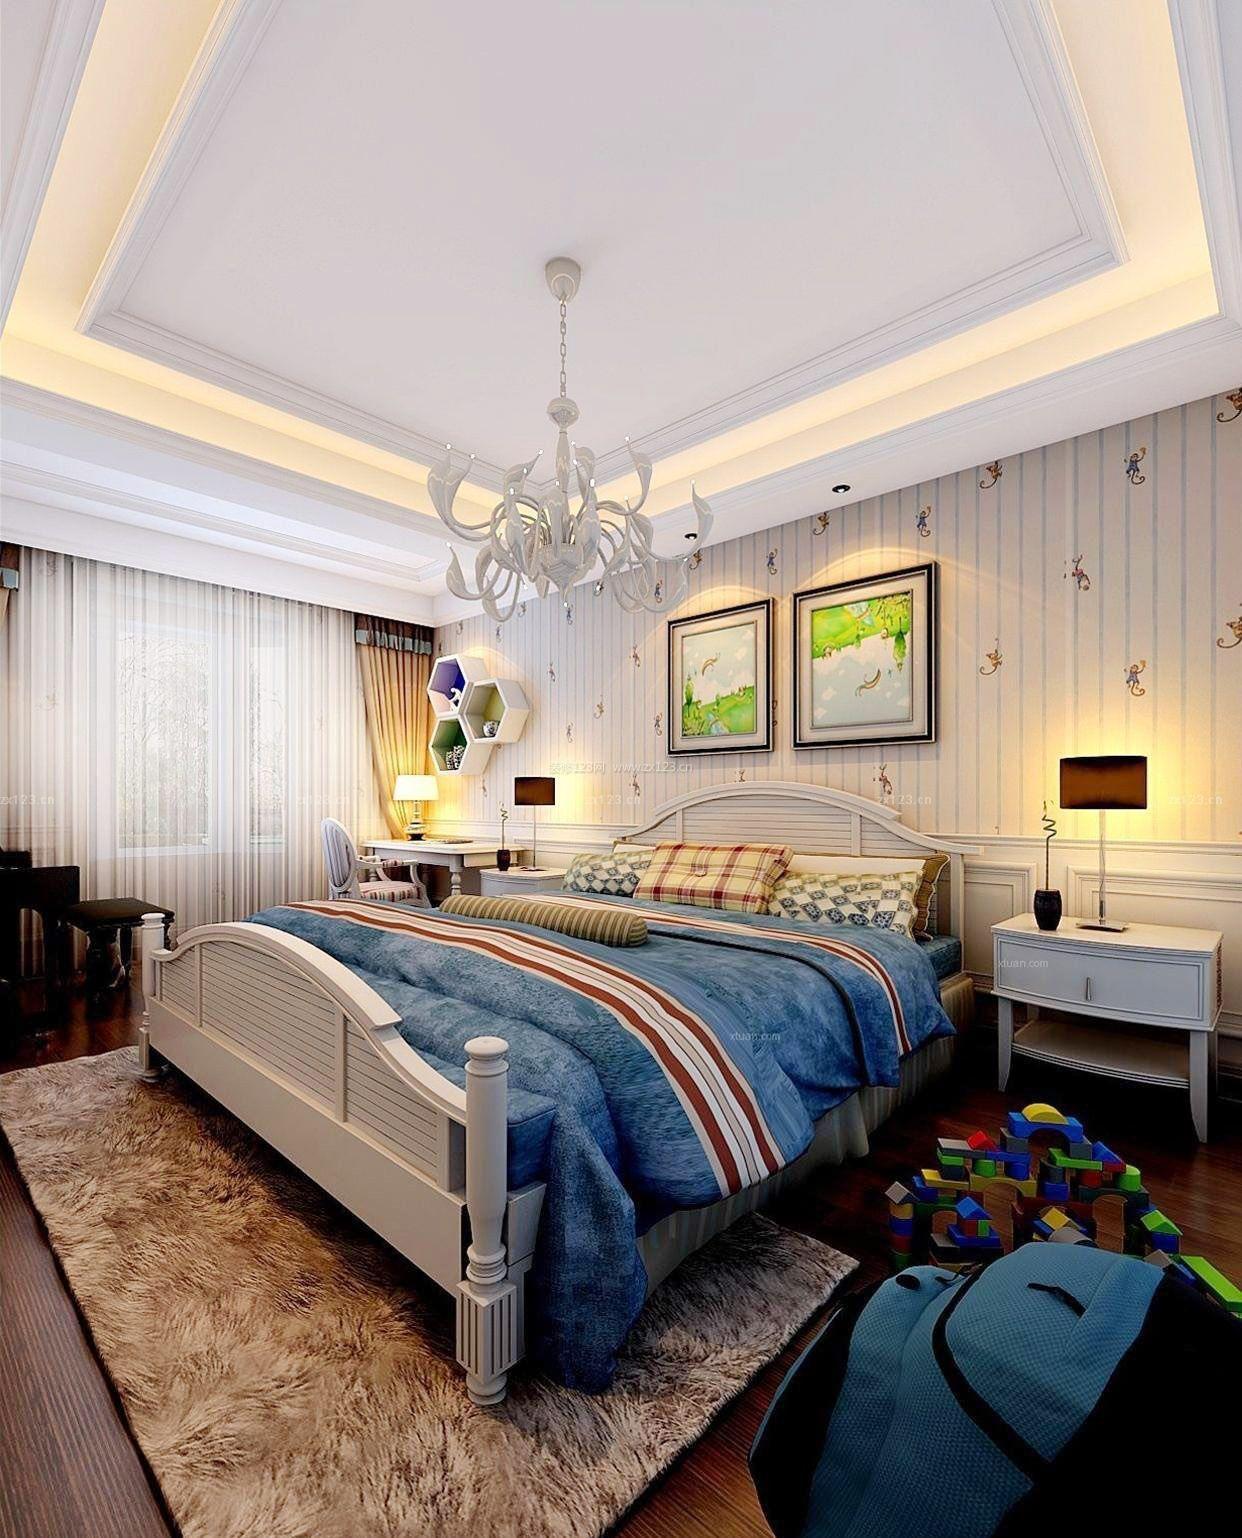 家装效果图 美式 美式风格儿童床头背景墙样板房 提供者:   ←图片